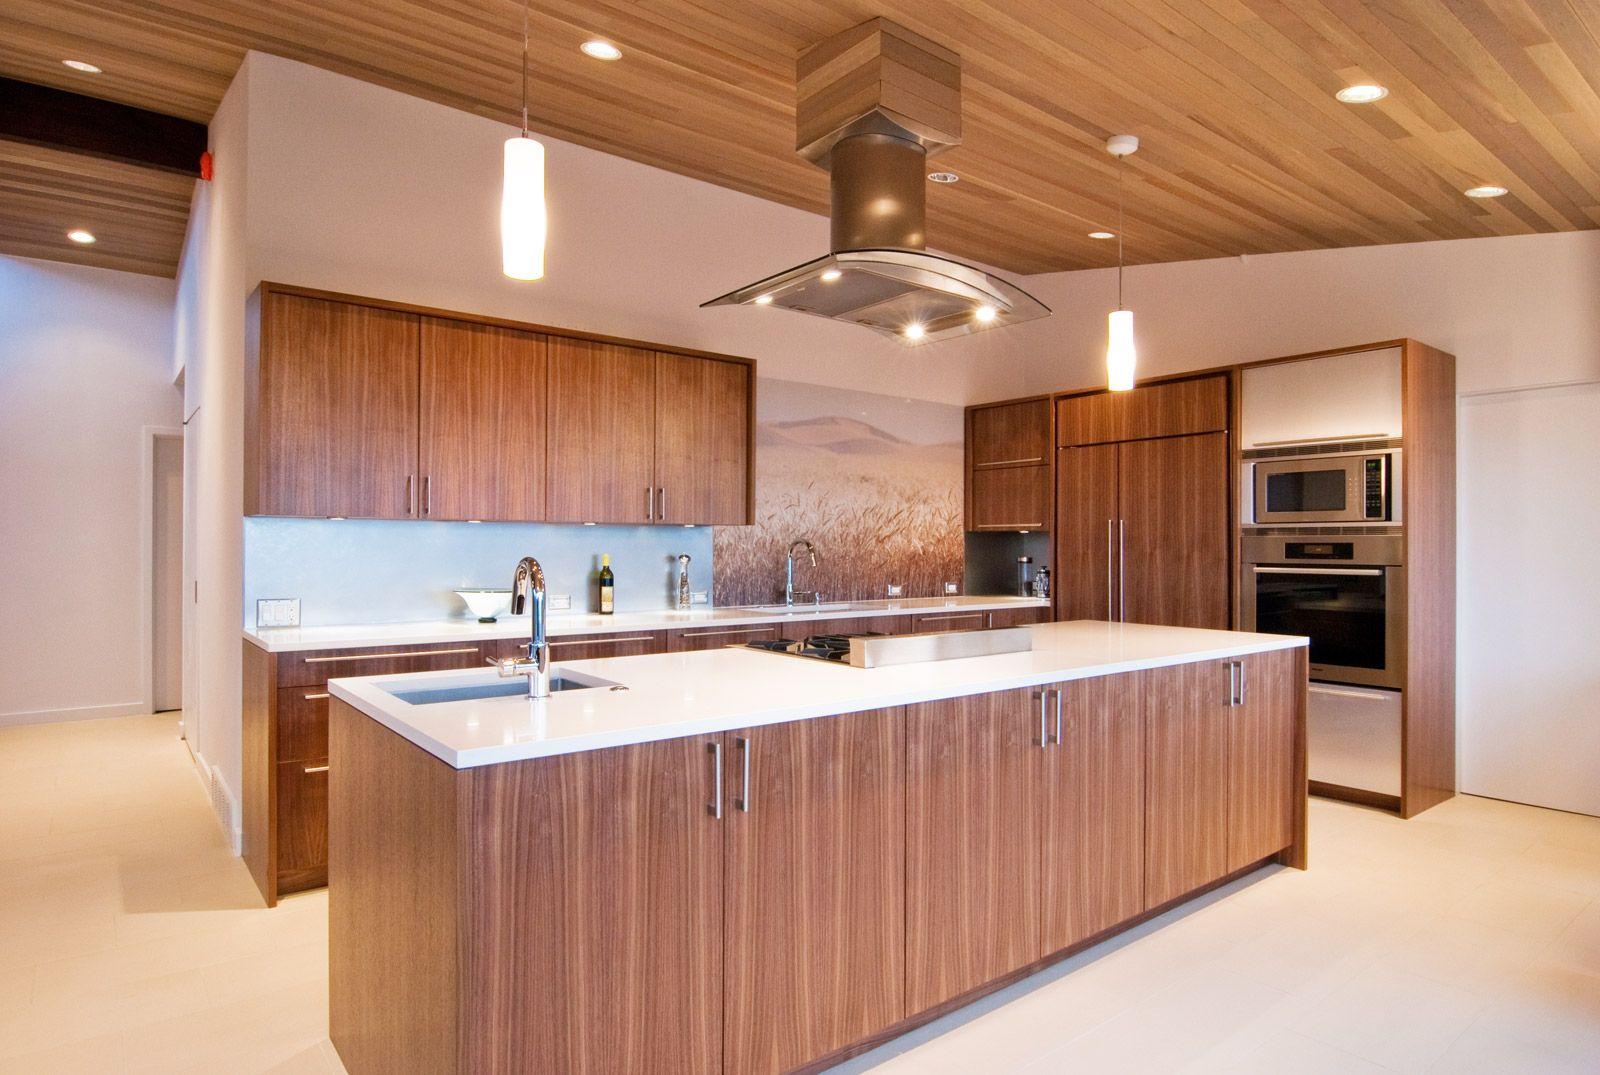 Best Build Llc West Seattle Mid Century Modern Reno Kitchen 400 x 300